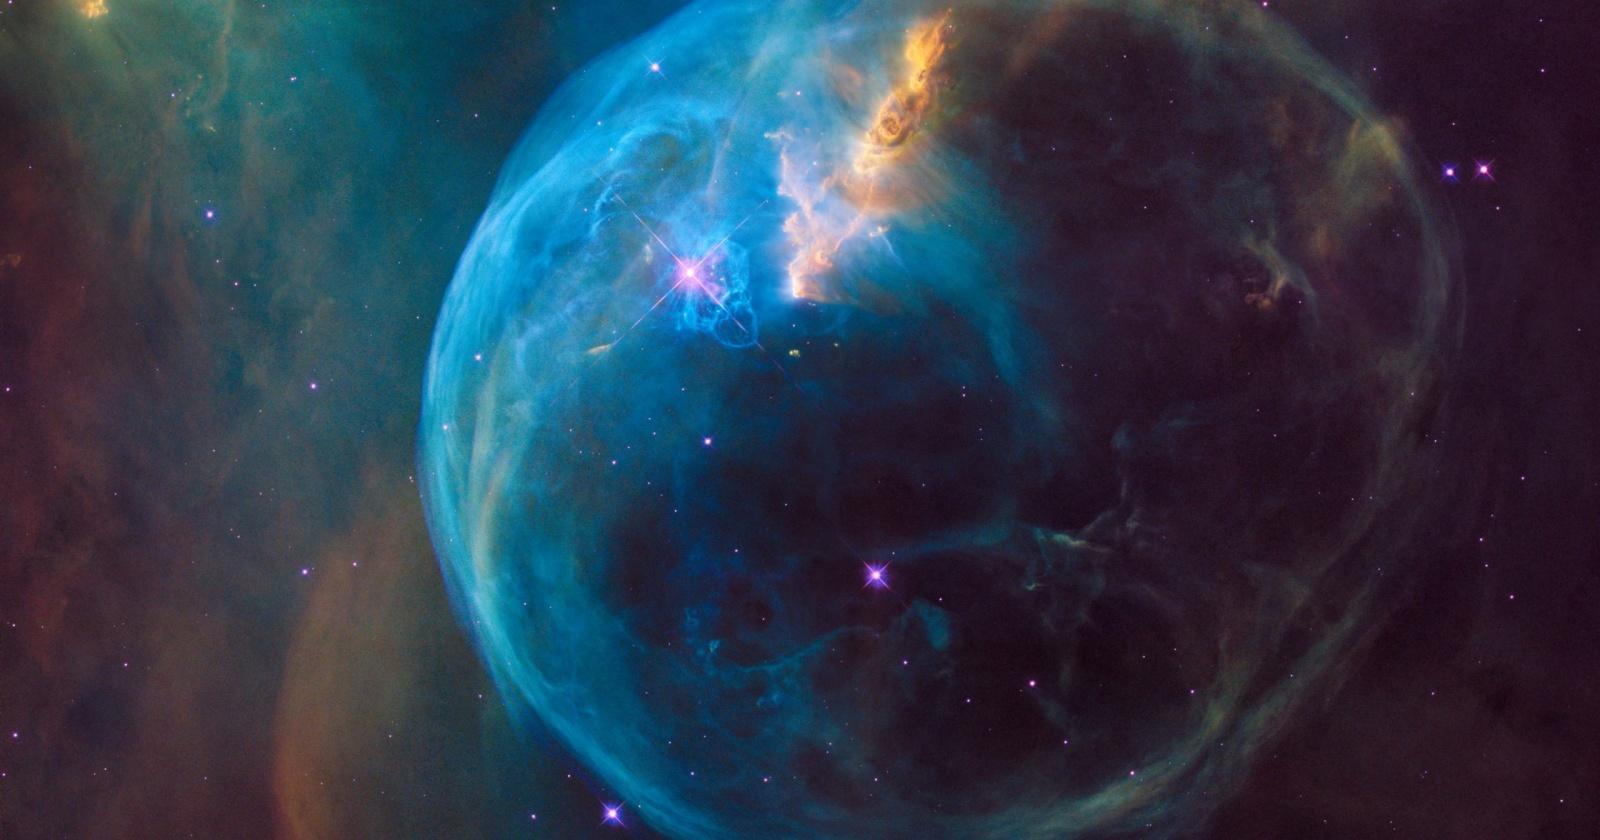 Дыра в ткани реальности, в теории, может уничтожить Вселенную